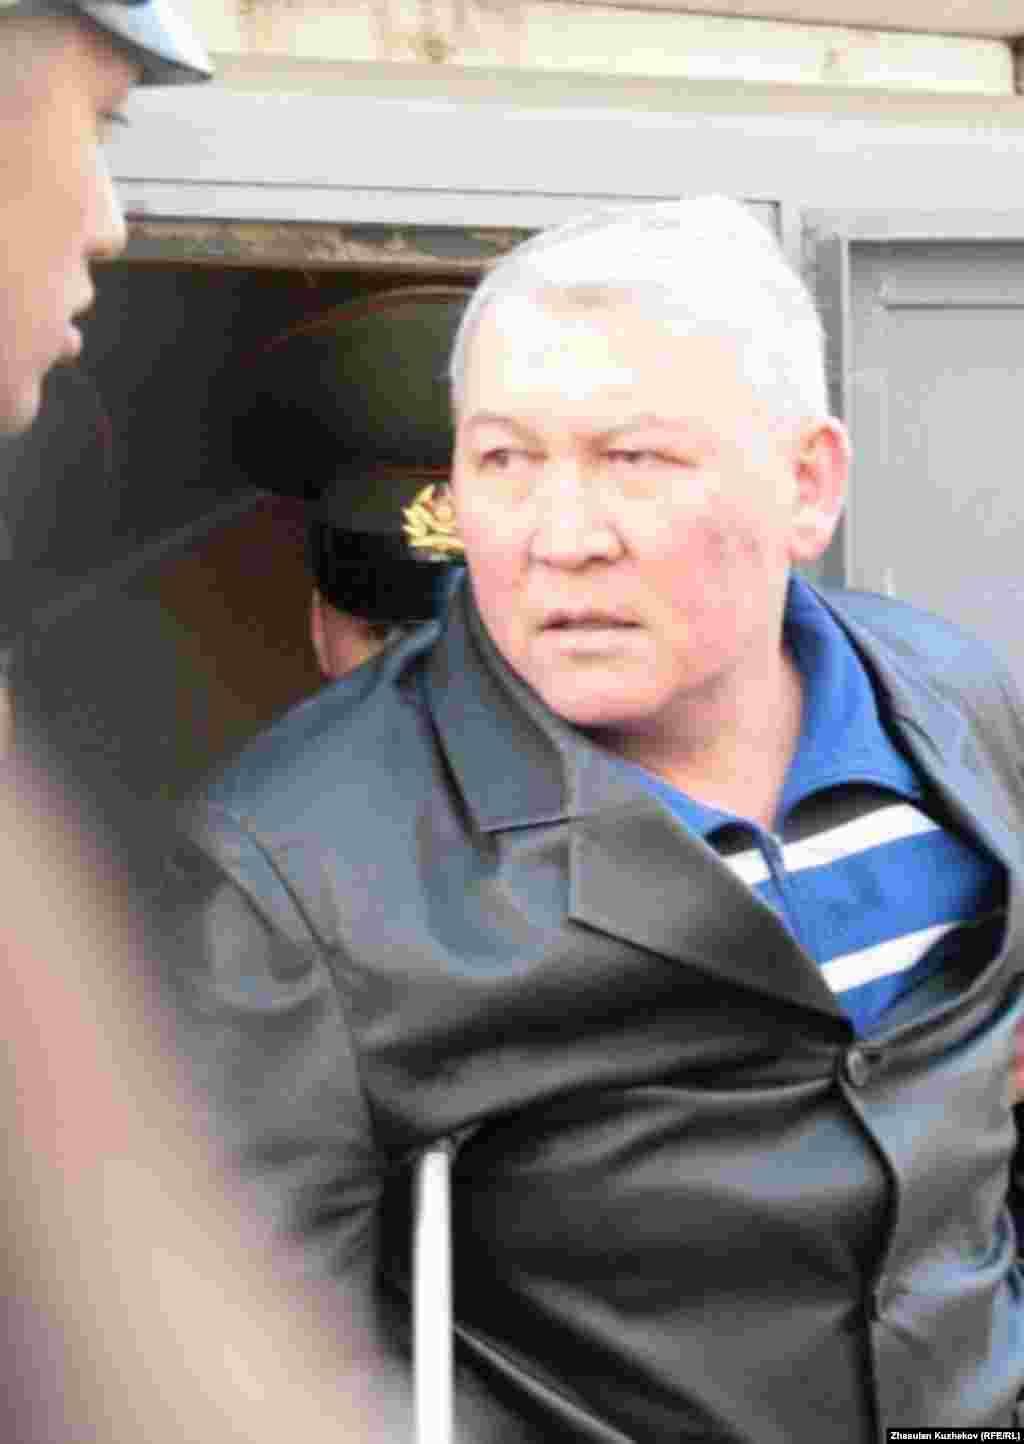 Жаксылык Доскалиев отвечает на вопросы перед зданием суда. Астана, 10 мая 2011 года.